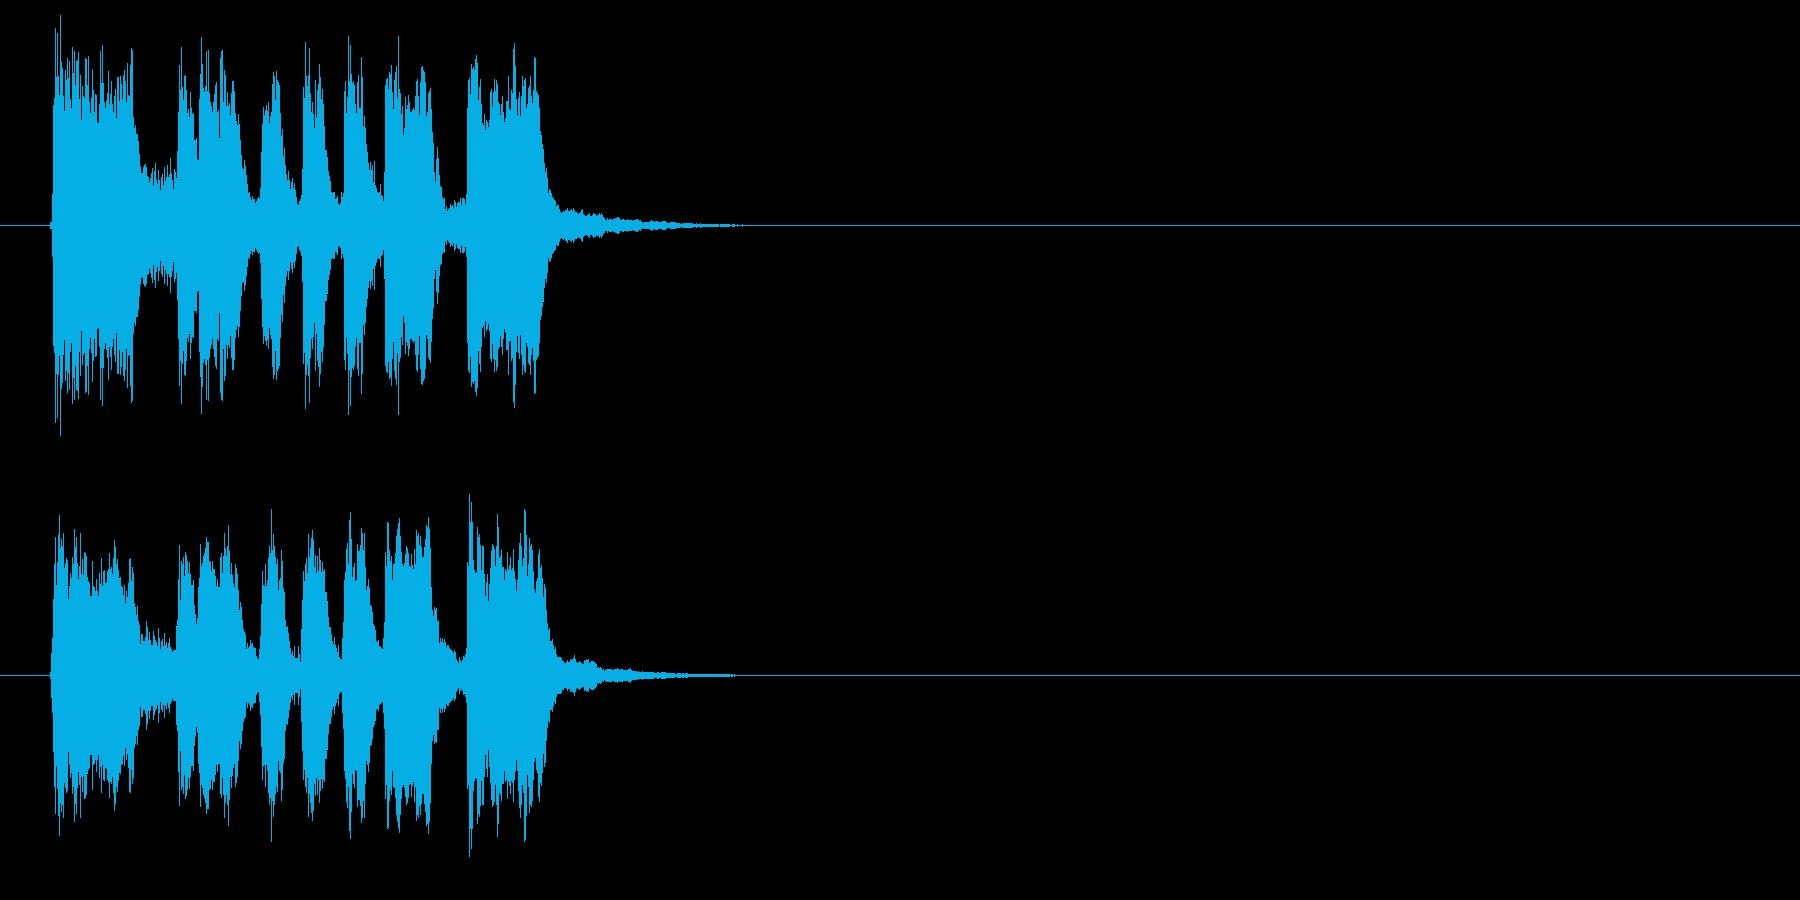 テンポが良く明るいジングル、サウンドロゴの再生済みの波形